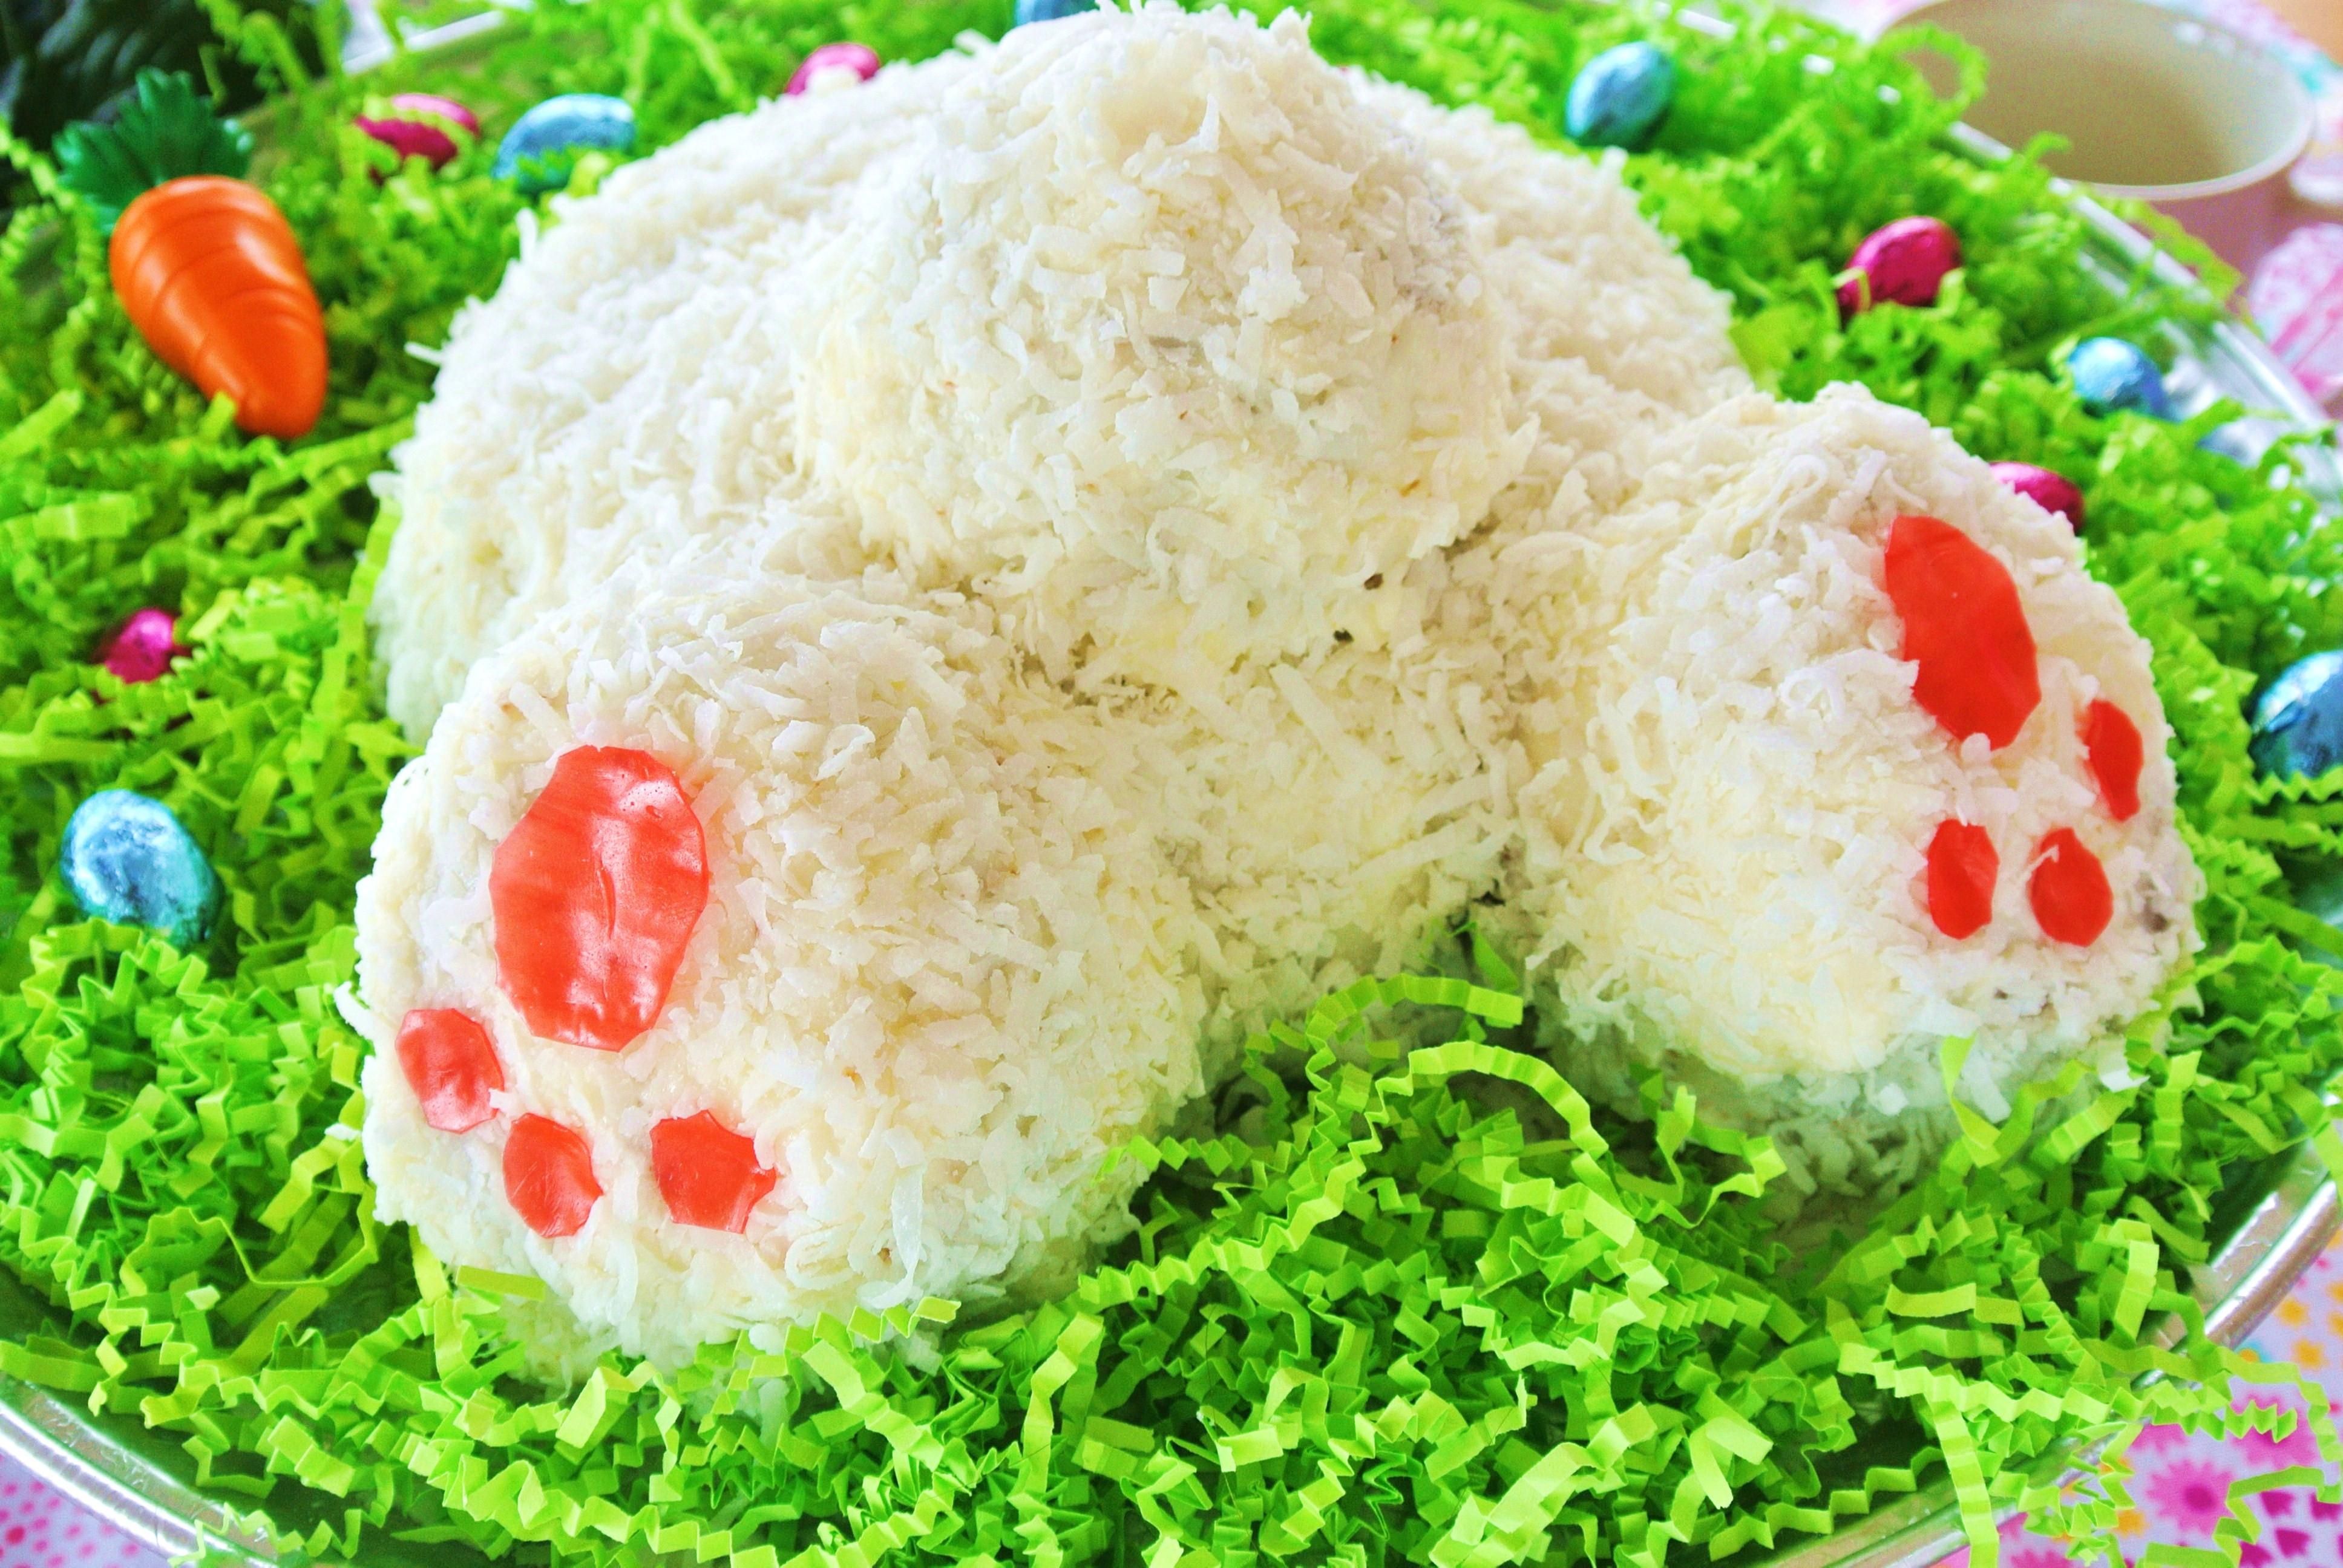 Easter Carrot Cake  Easter Bunny Butt Carrot Cake No Plate Like Home